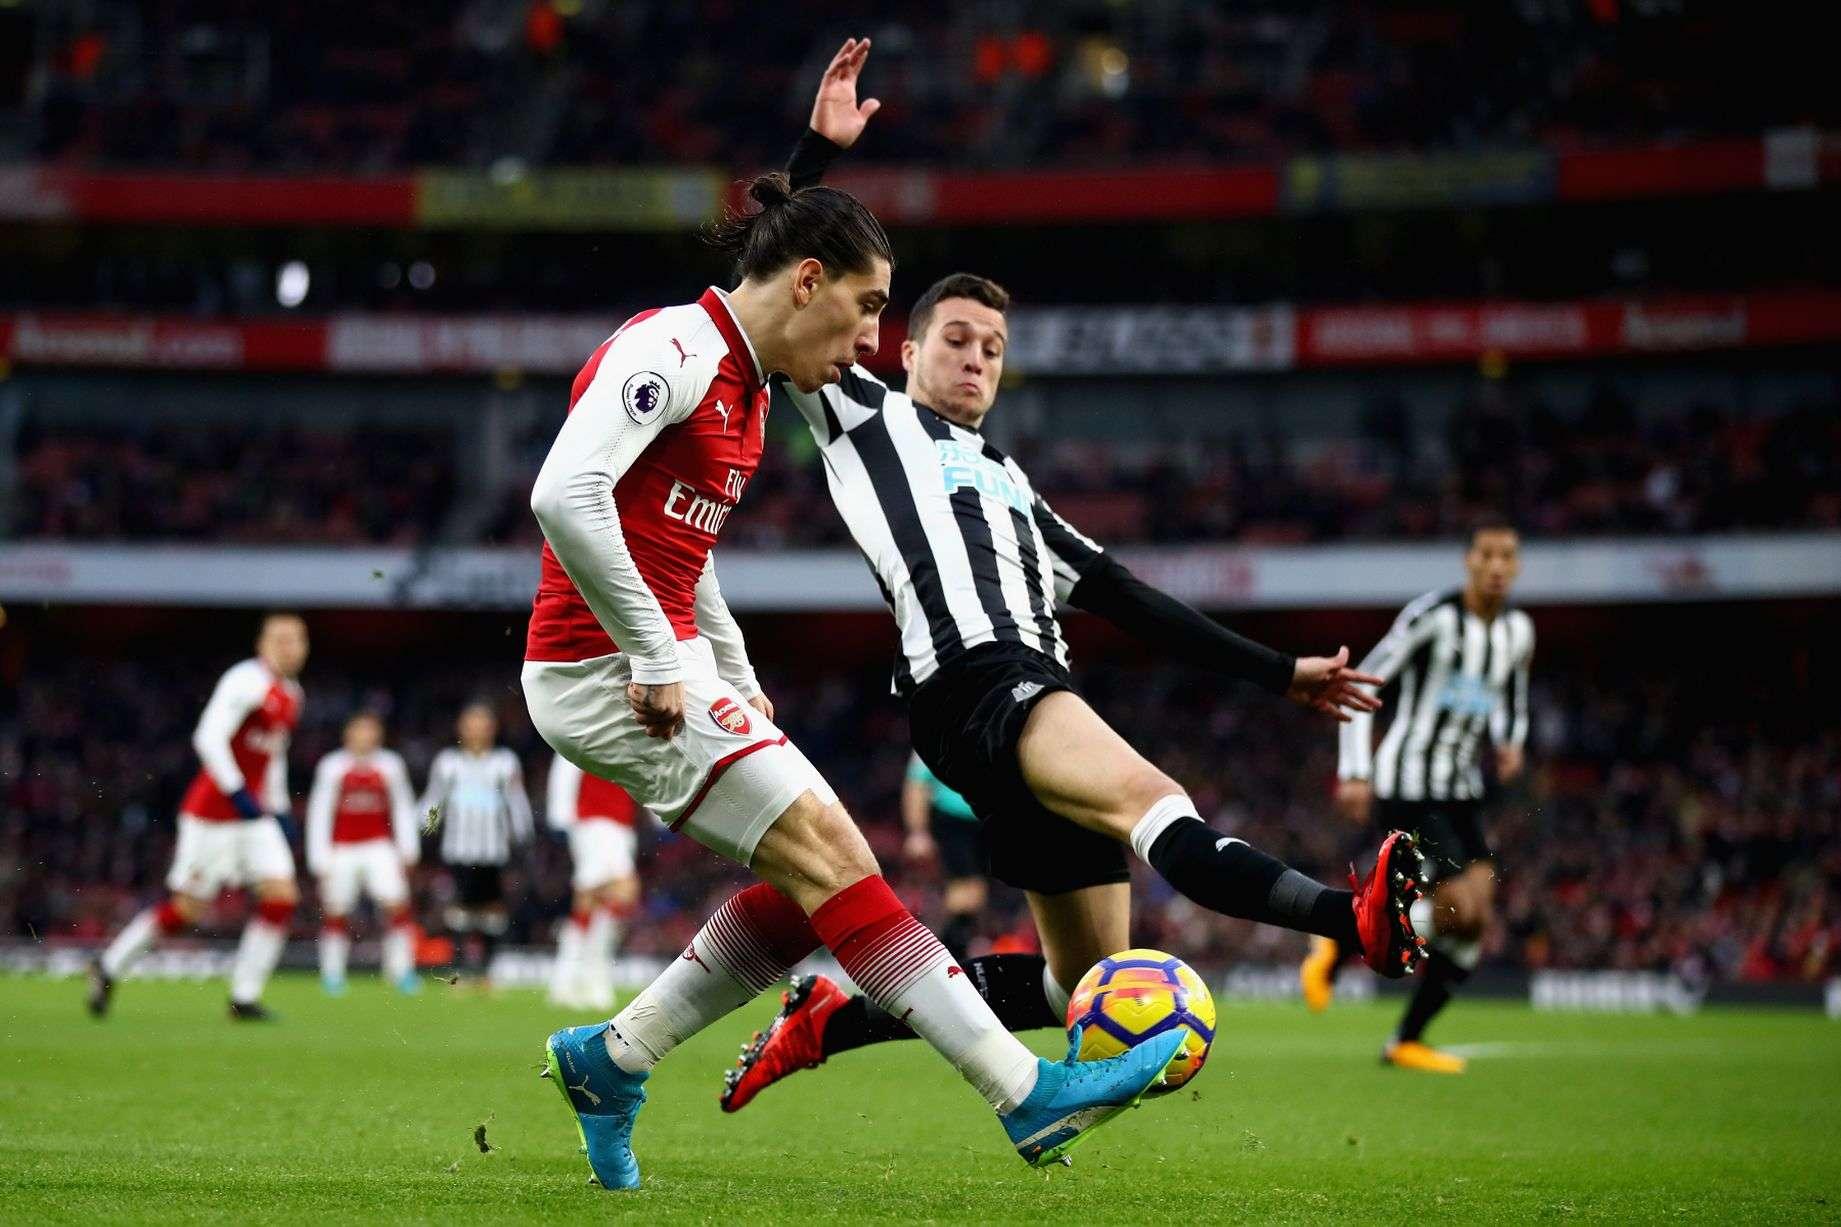 Arsenal gặp lại West Ham sau khi hòa 0-0 ở Premier League